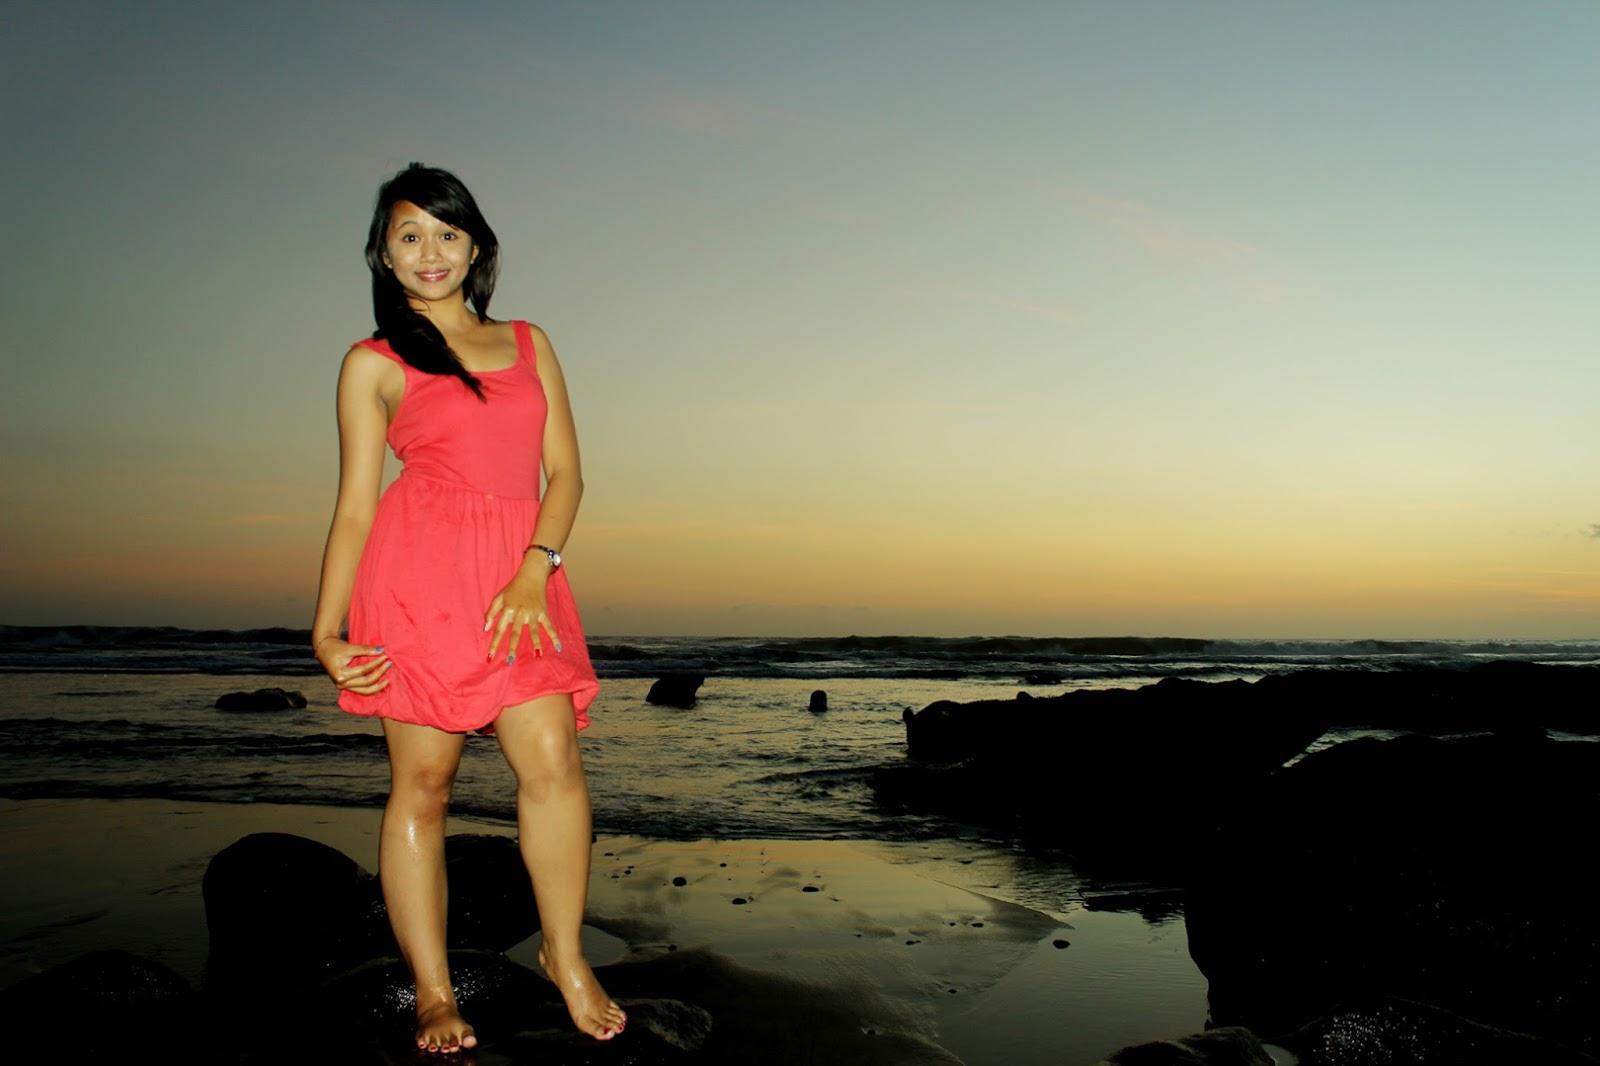 Cewek Bali Model Seksi semok dan gendut